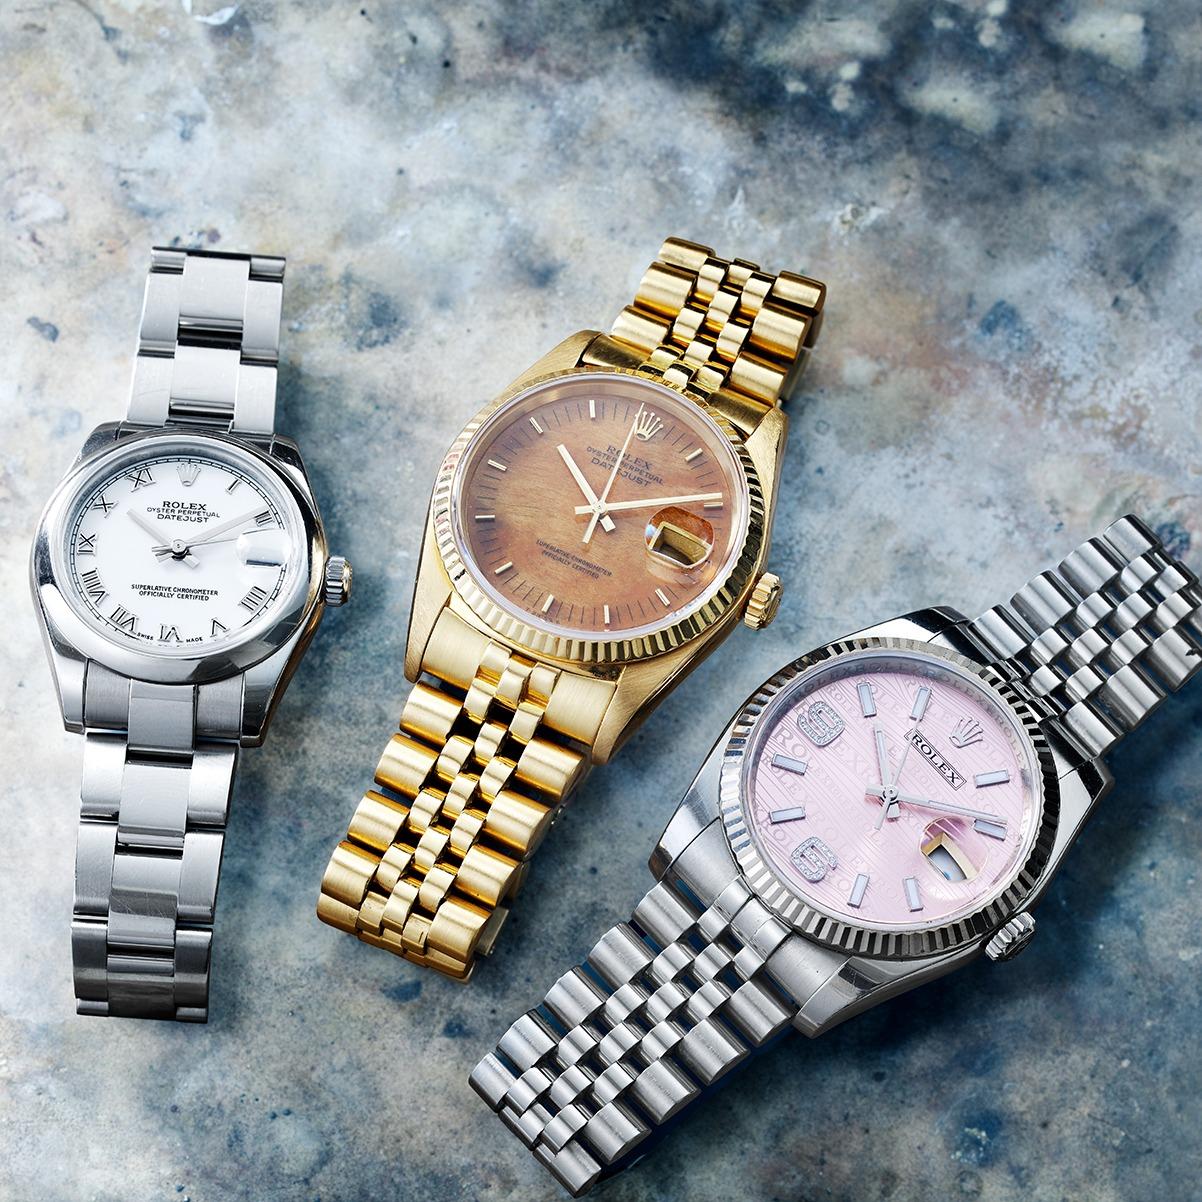 Rolex Datejust Special Hammer Auction | Kaplans - MondaniWeb